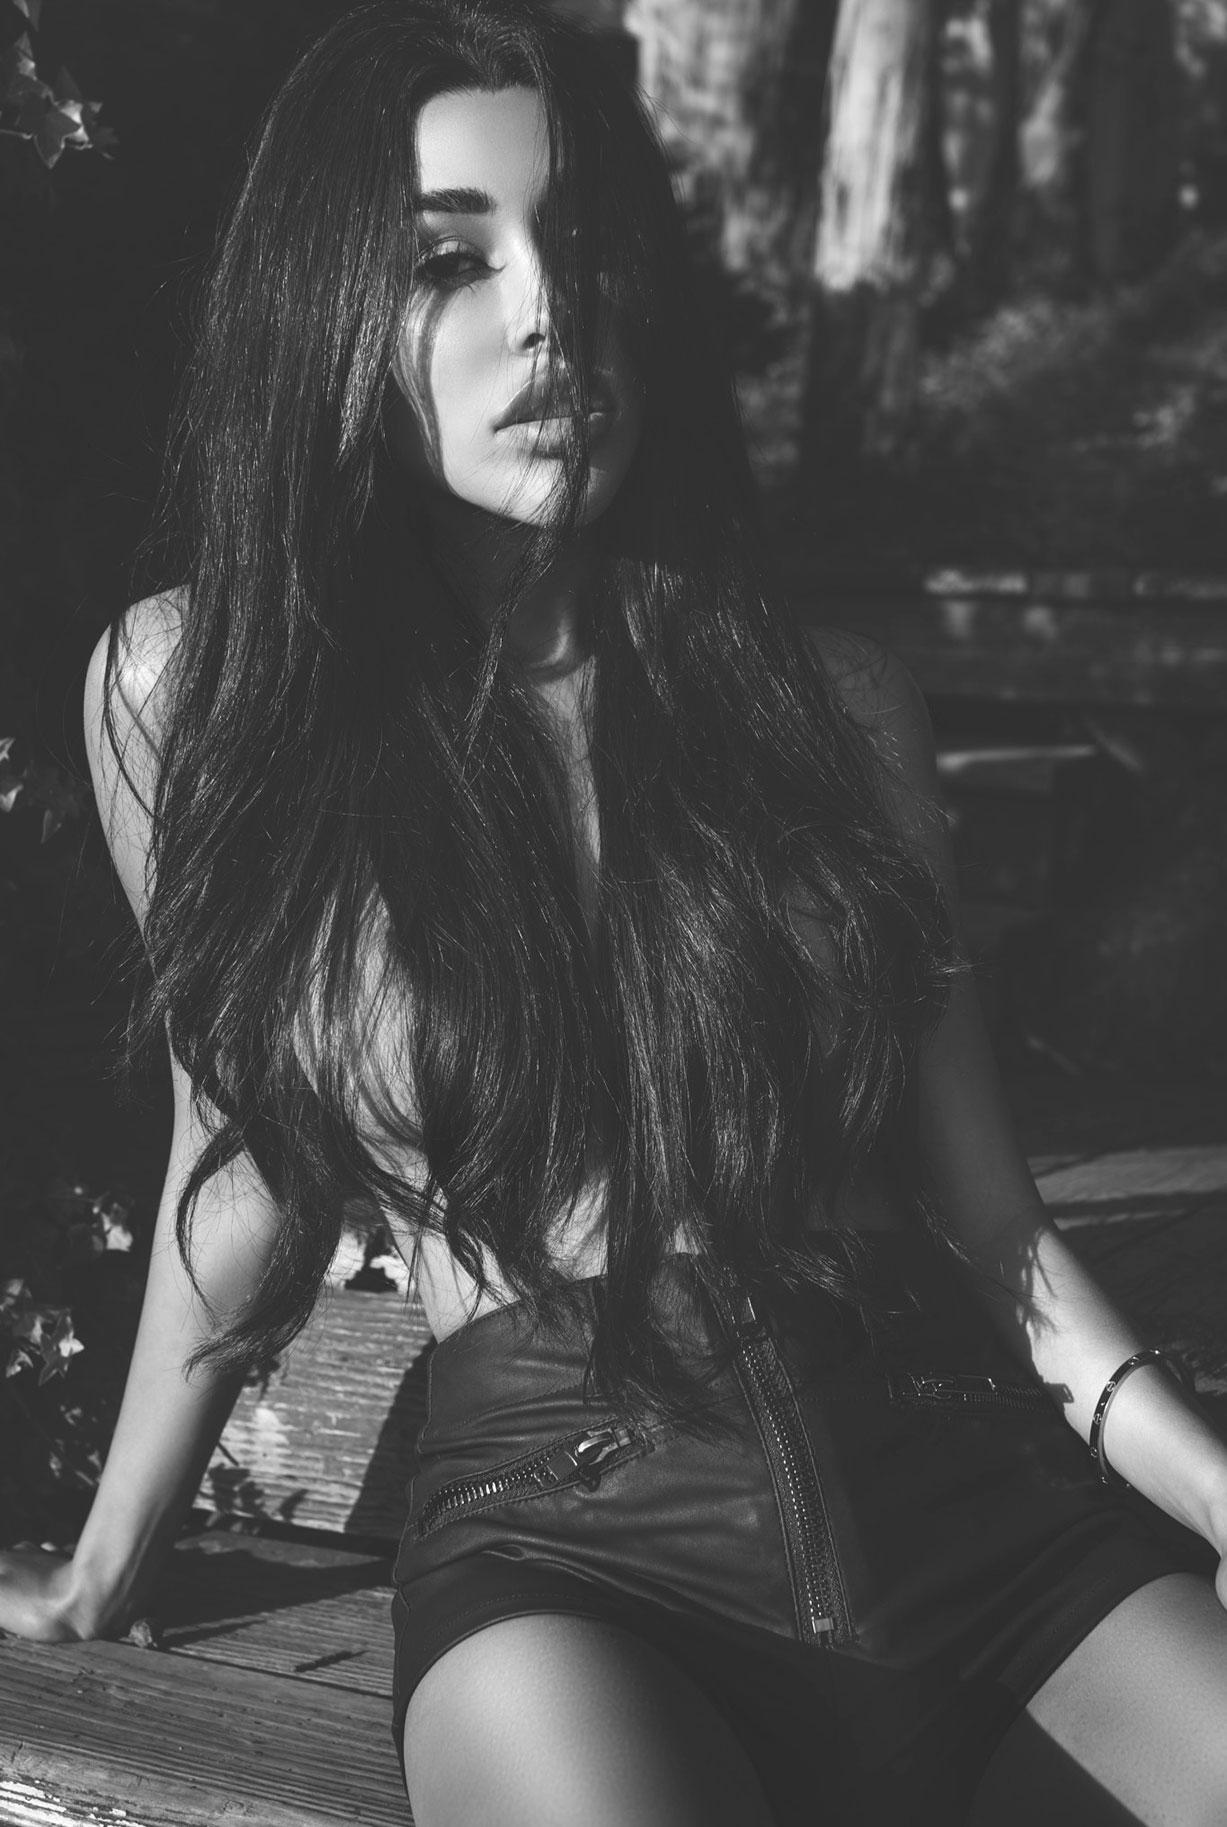 ливанская фотомодель Соня Круз, фотограф Кристос Сьюэлл / фото 05